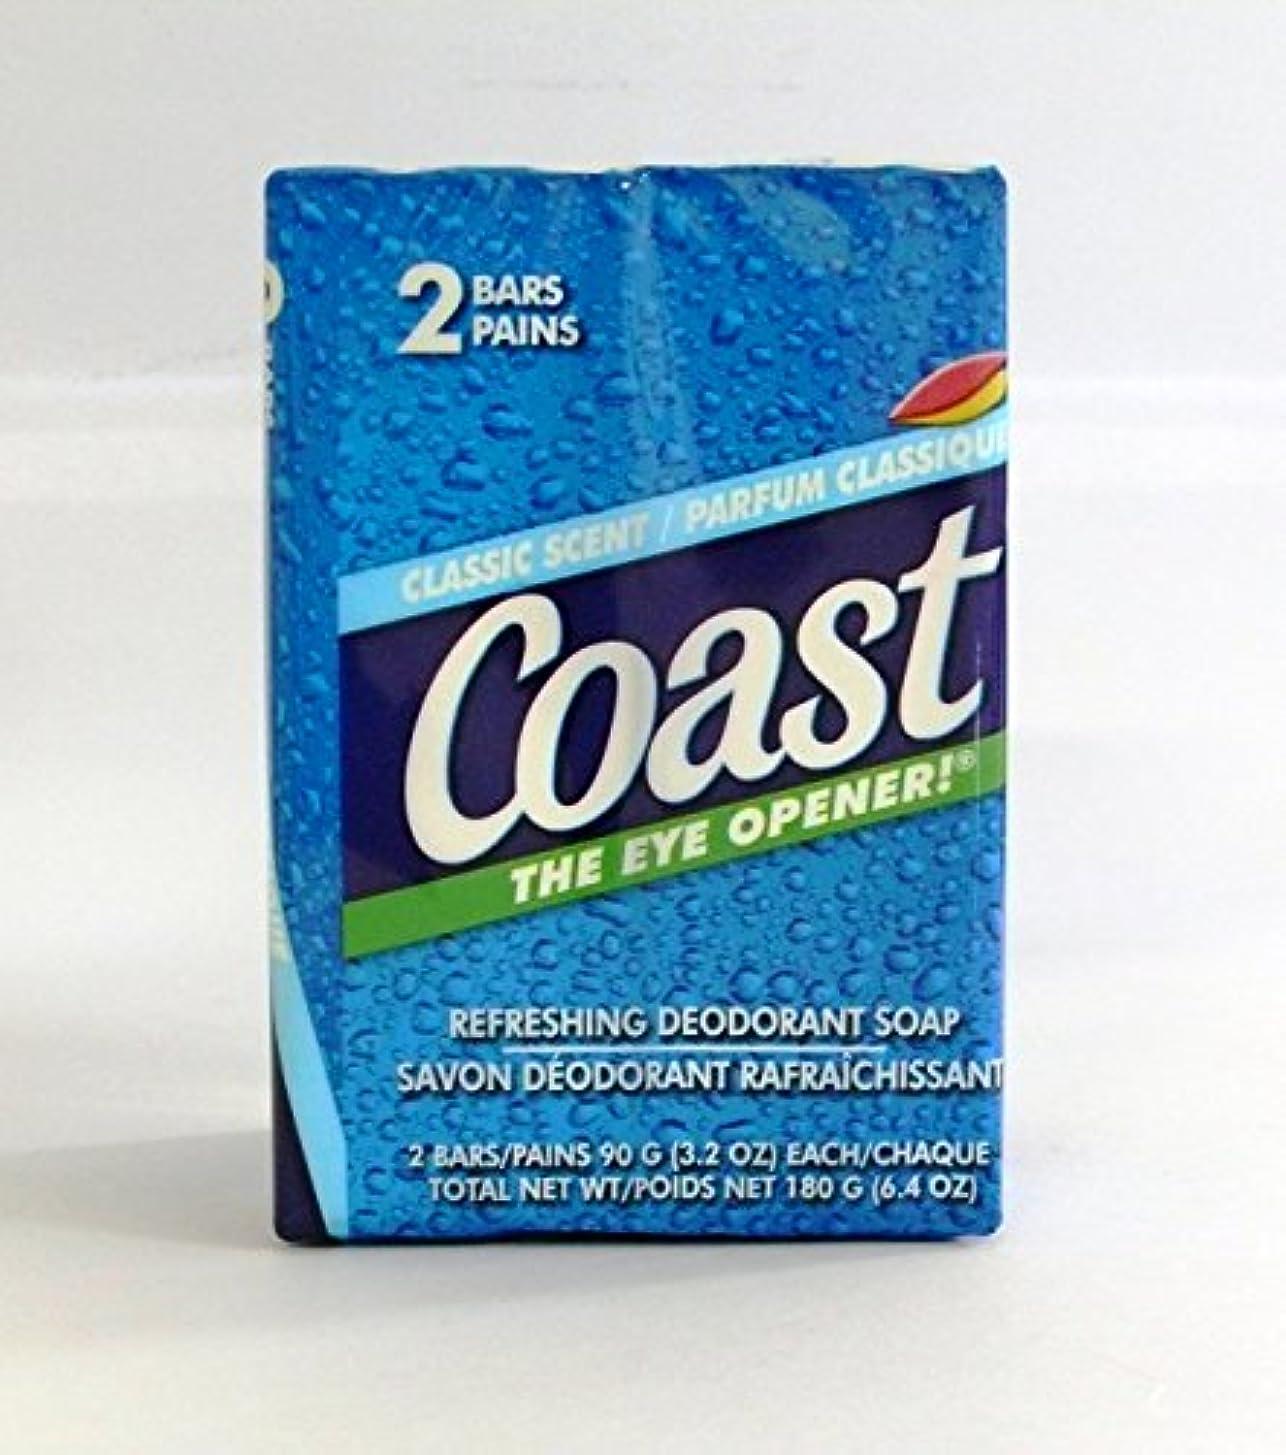 嫉妬角度毎日コースト 固形石鹸 クラシックセント 90g 2個入